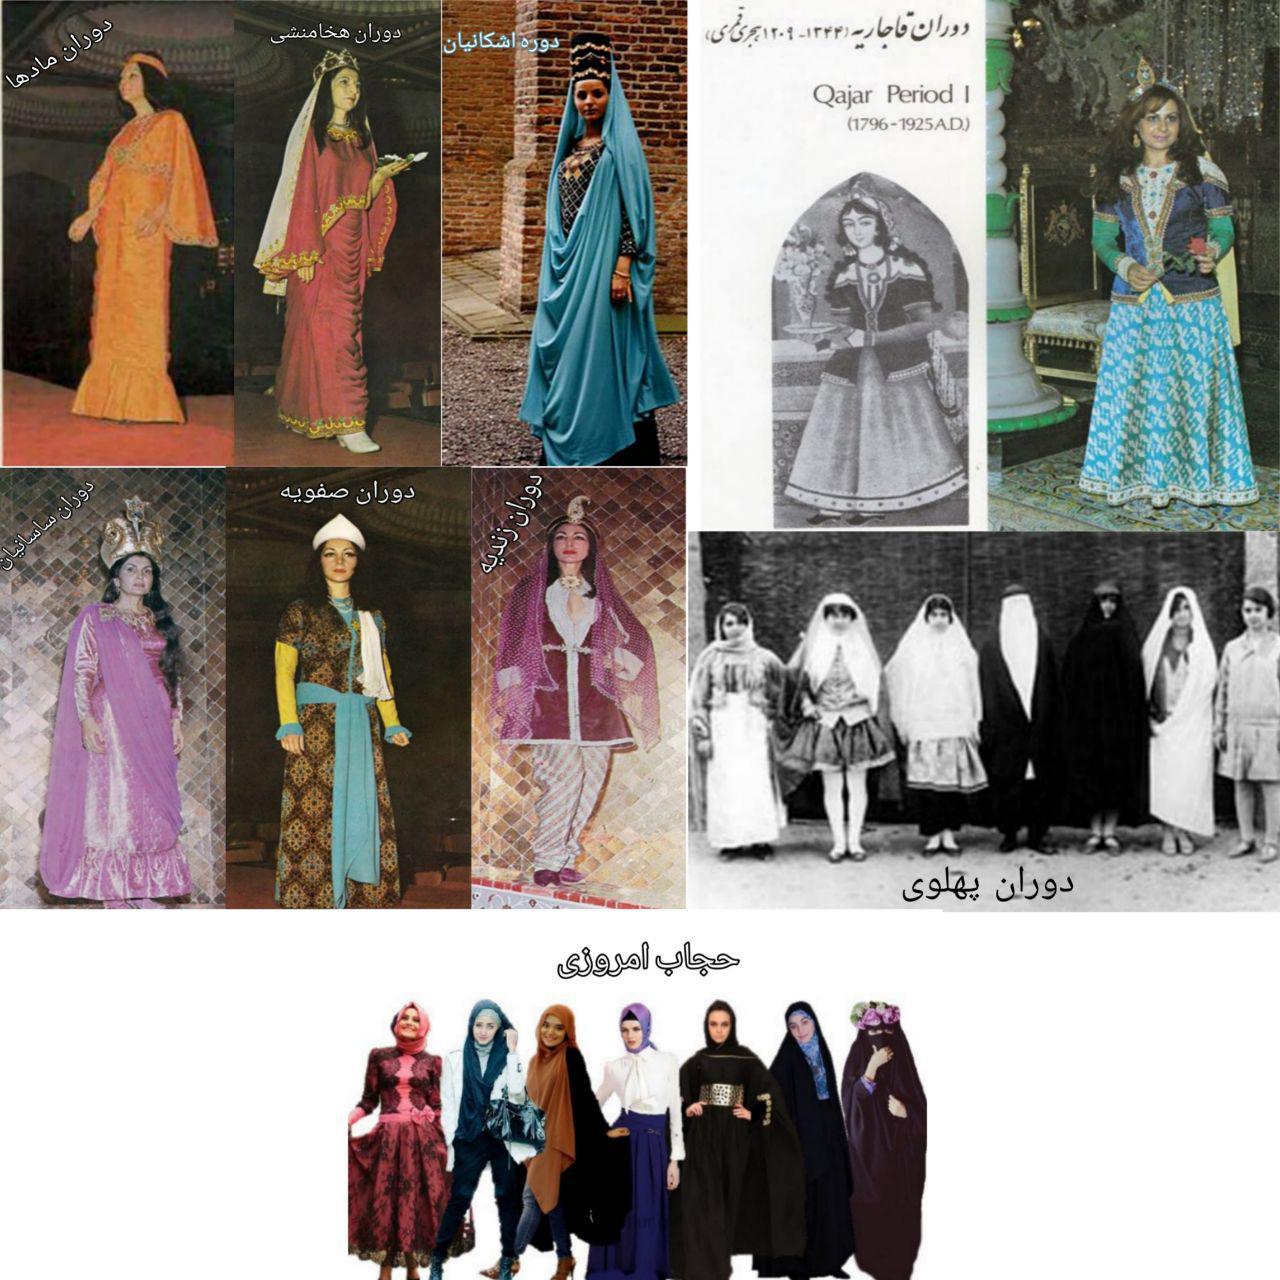 پوشش زنان در طول تاریخ